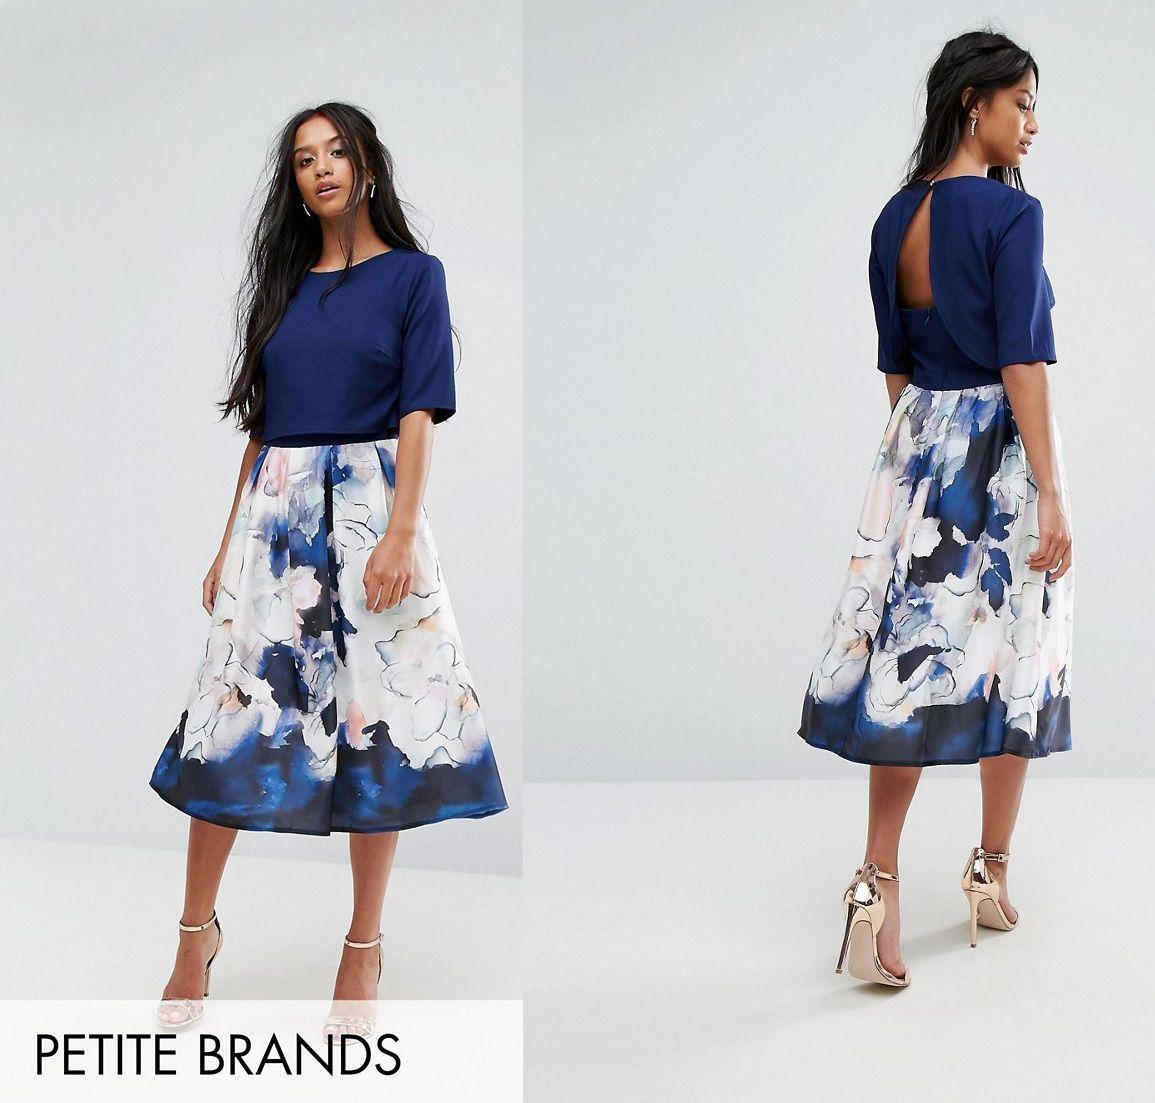 Sukienka Midi Rozkloszowana Kwiaty Wesele Plisy 36 7415471743 Oficjalne Archiwum Allegro Floral Skirt Midi Skirt Fashion